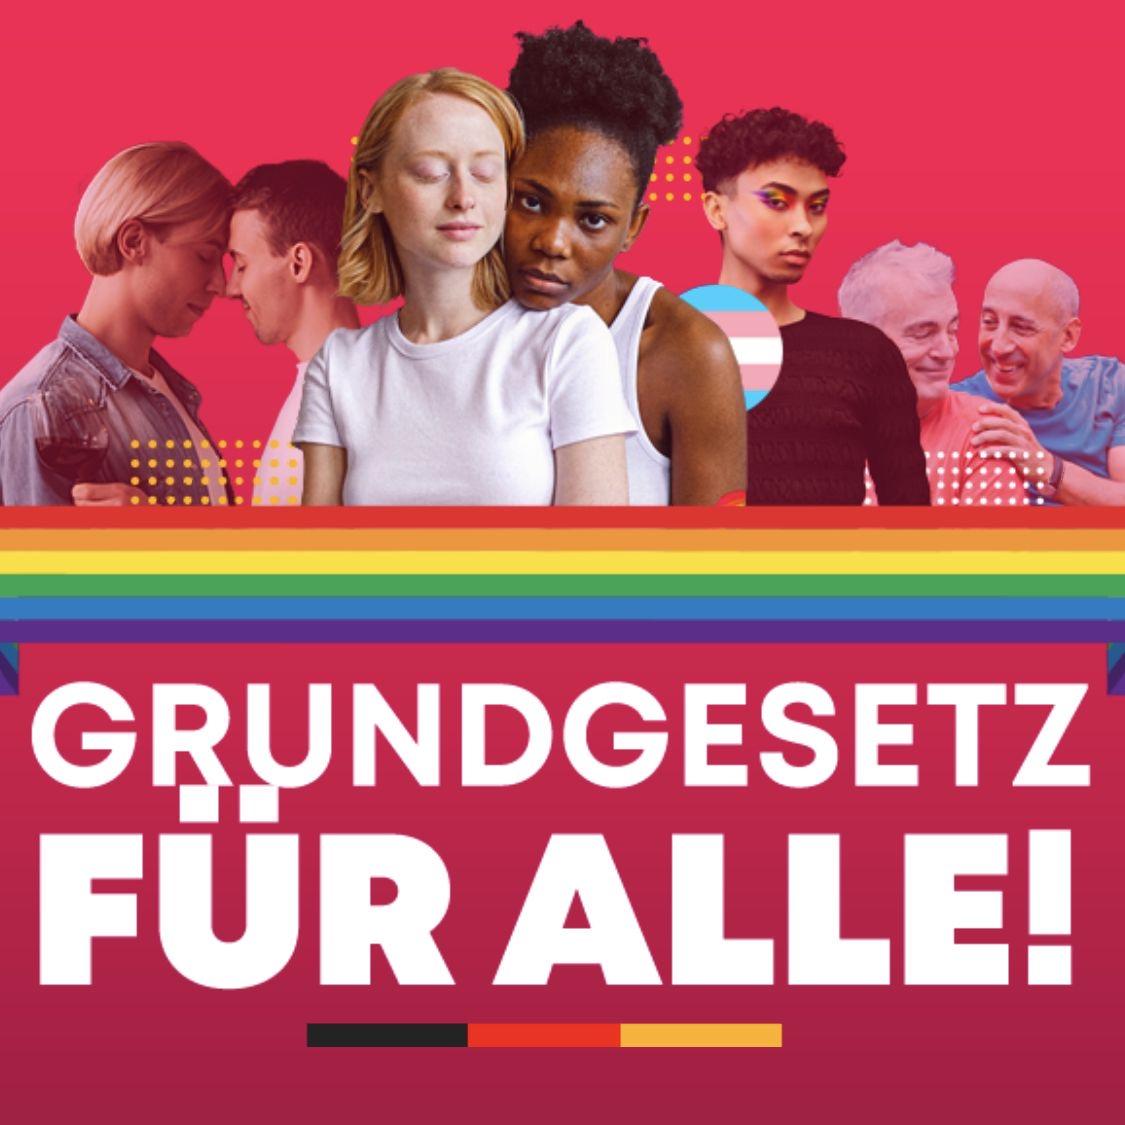 Grundgesetz für alle!